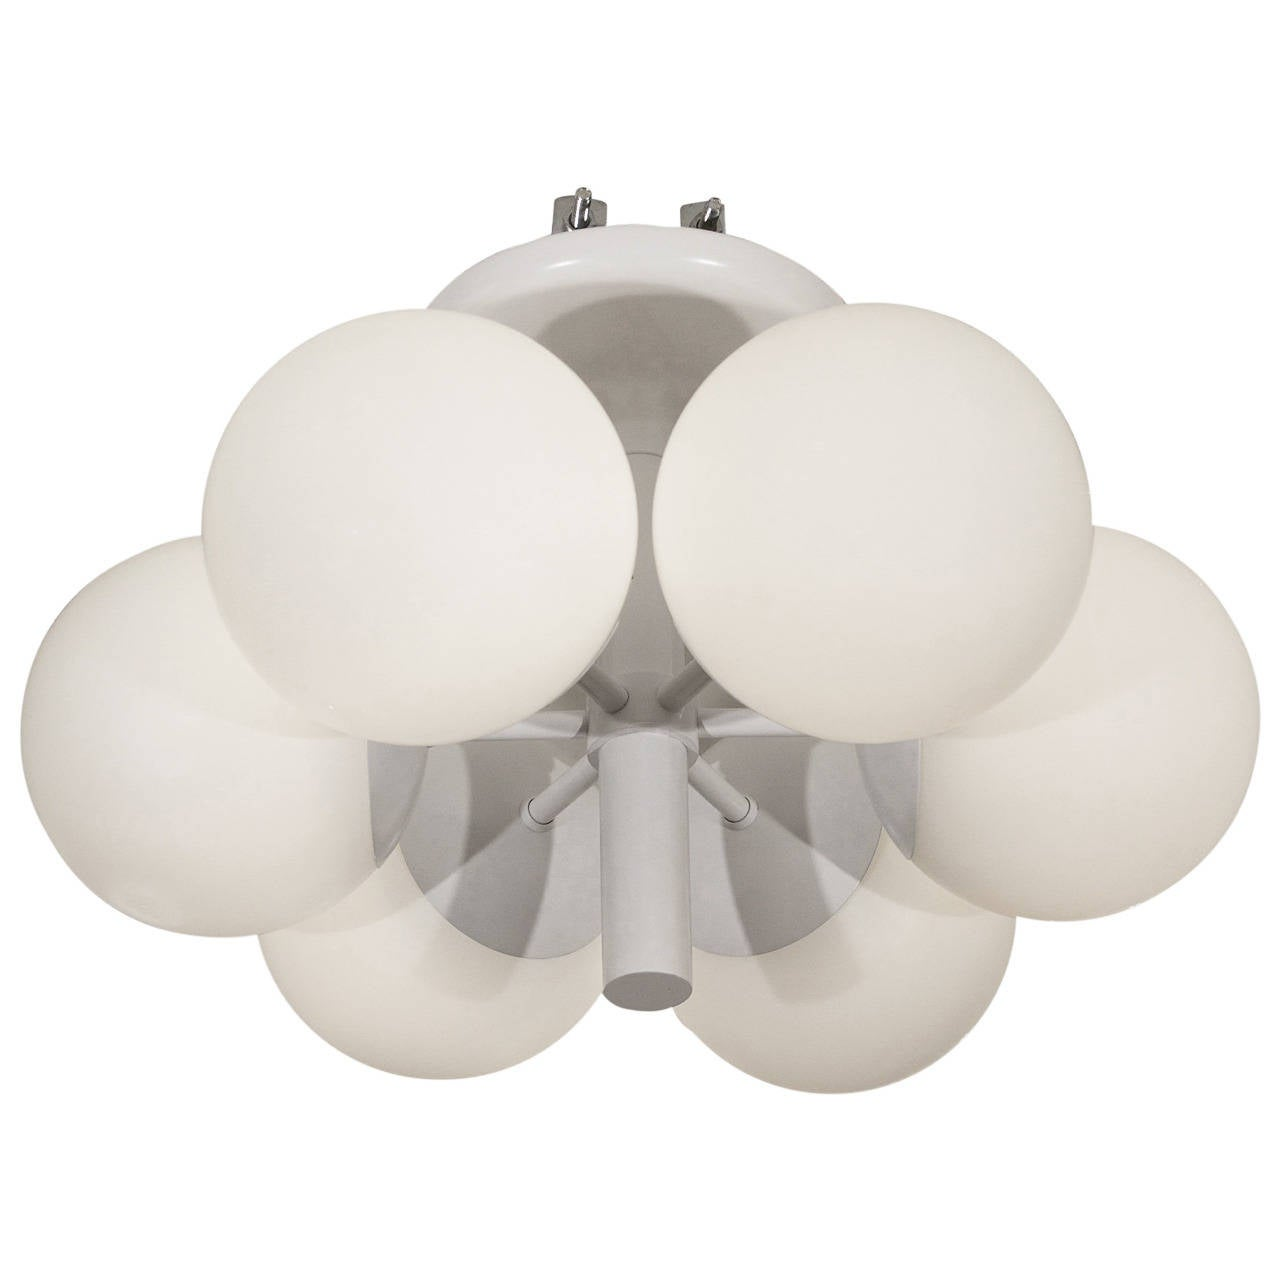 Six-Globe Radial Kaiser Chandelier in White Enamel